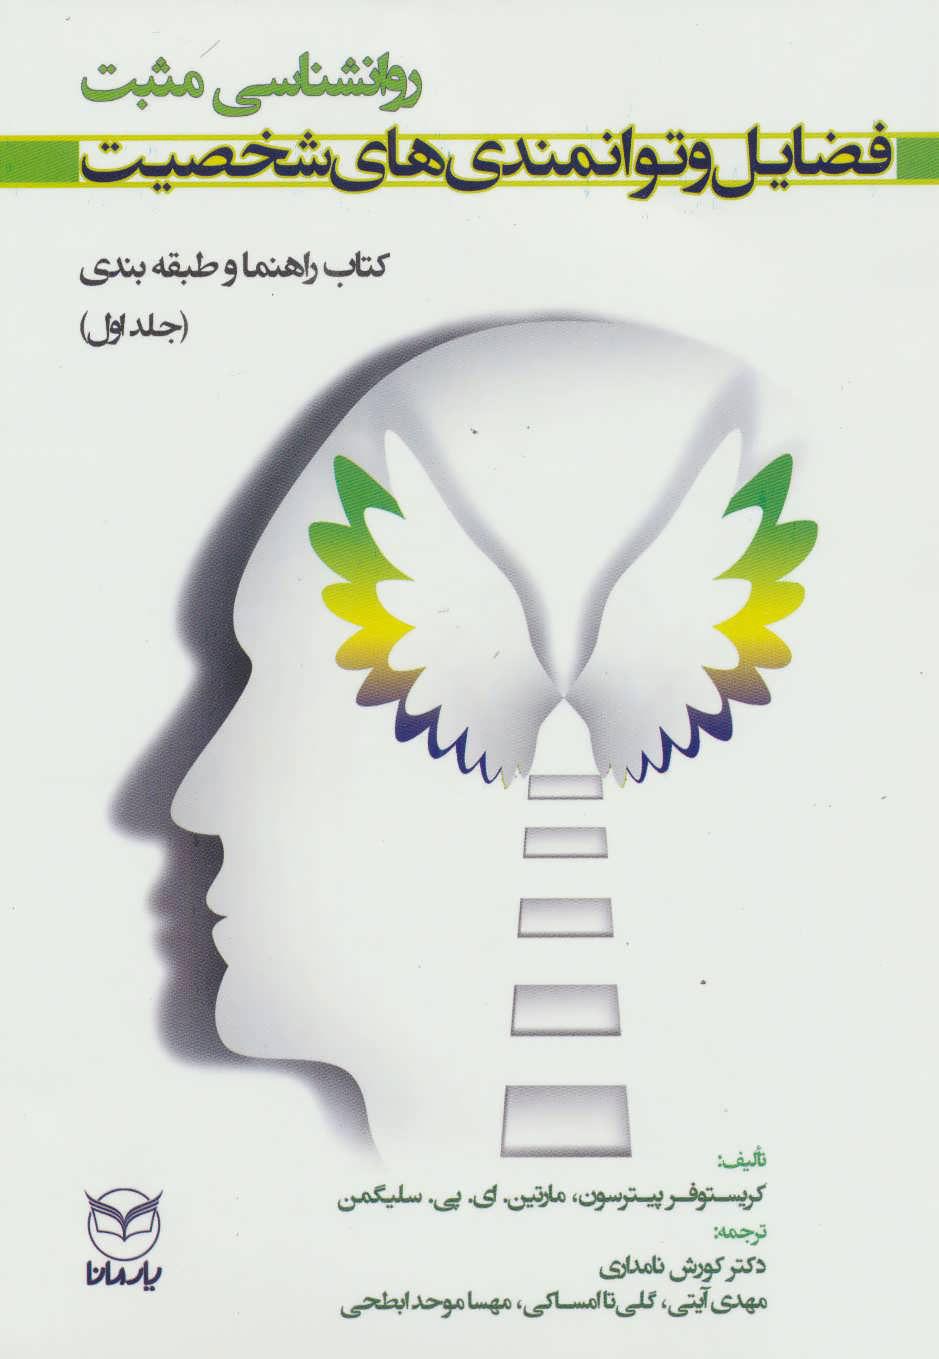 کتاب فضایل و توانمندی های شخصیت